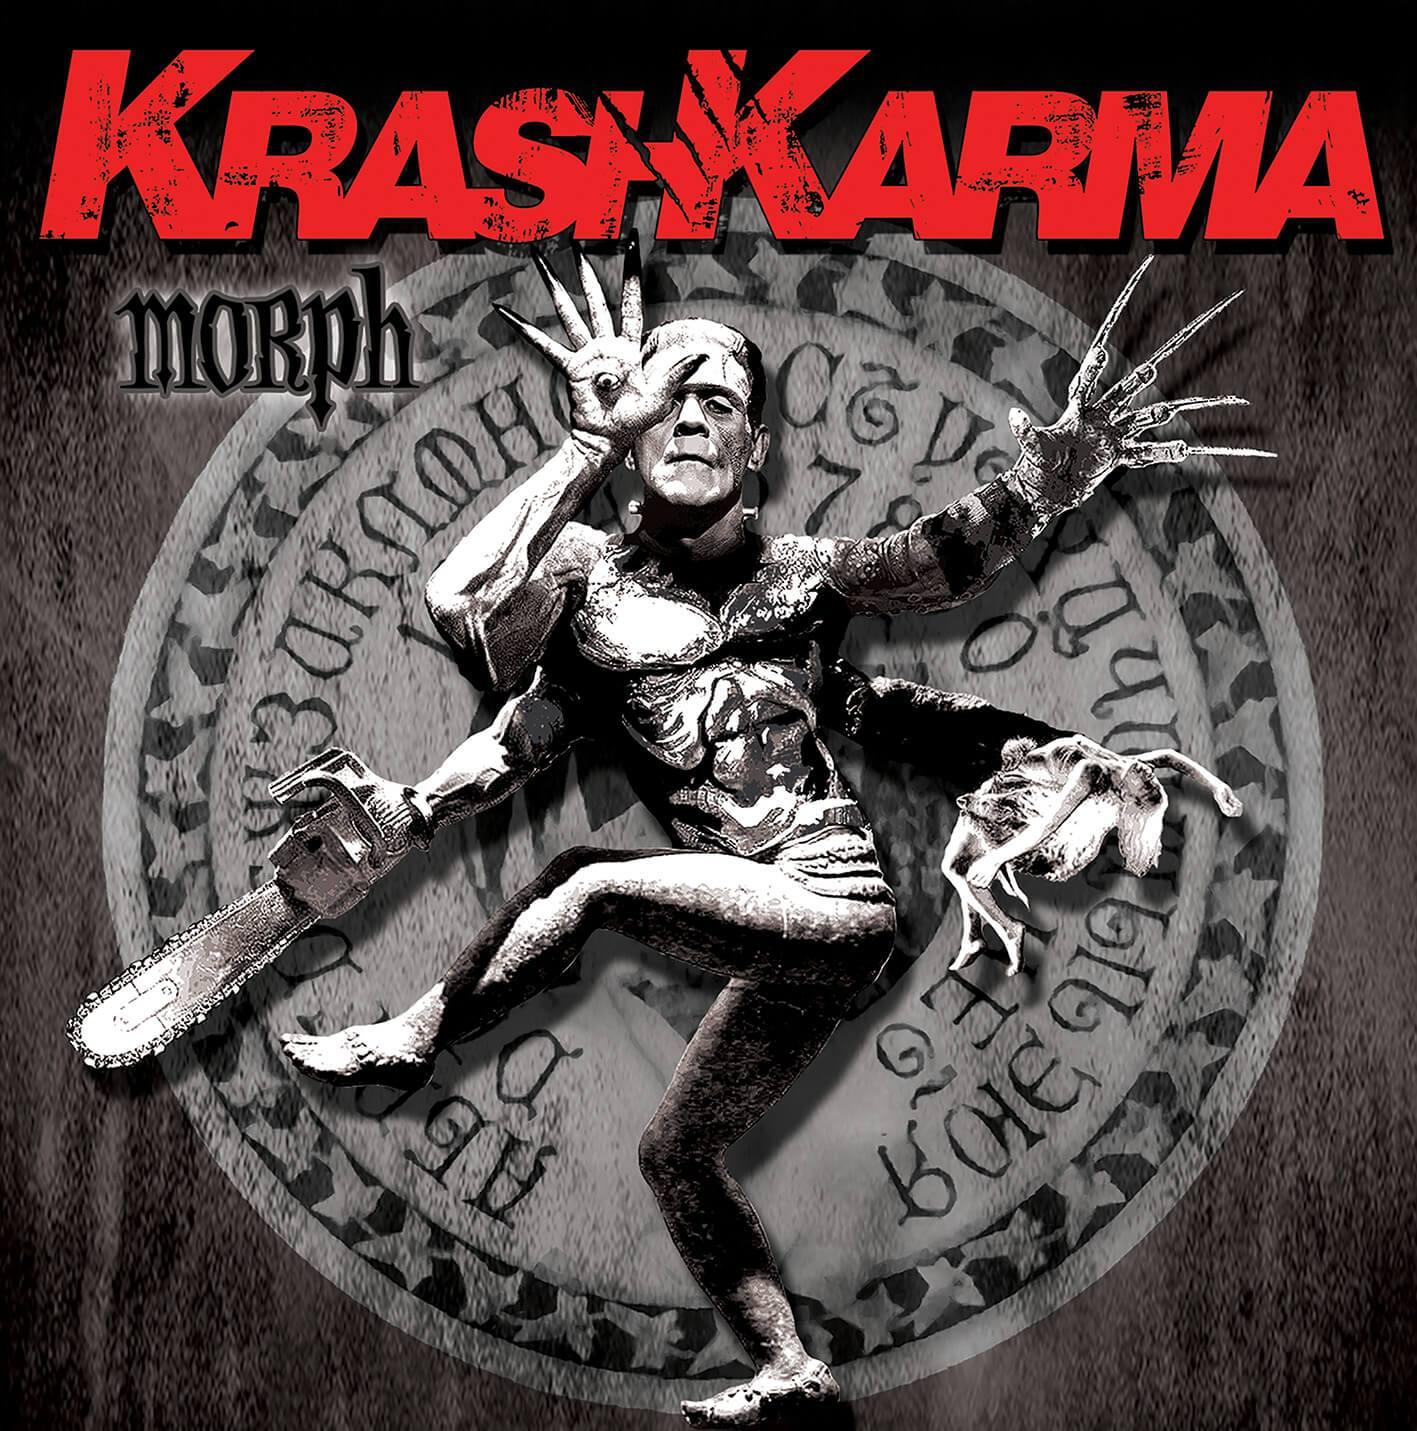 Krashkarma-Morph